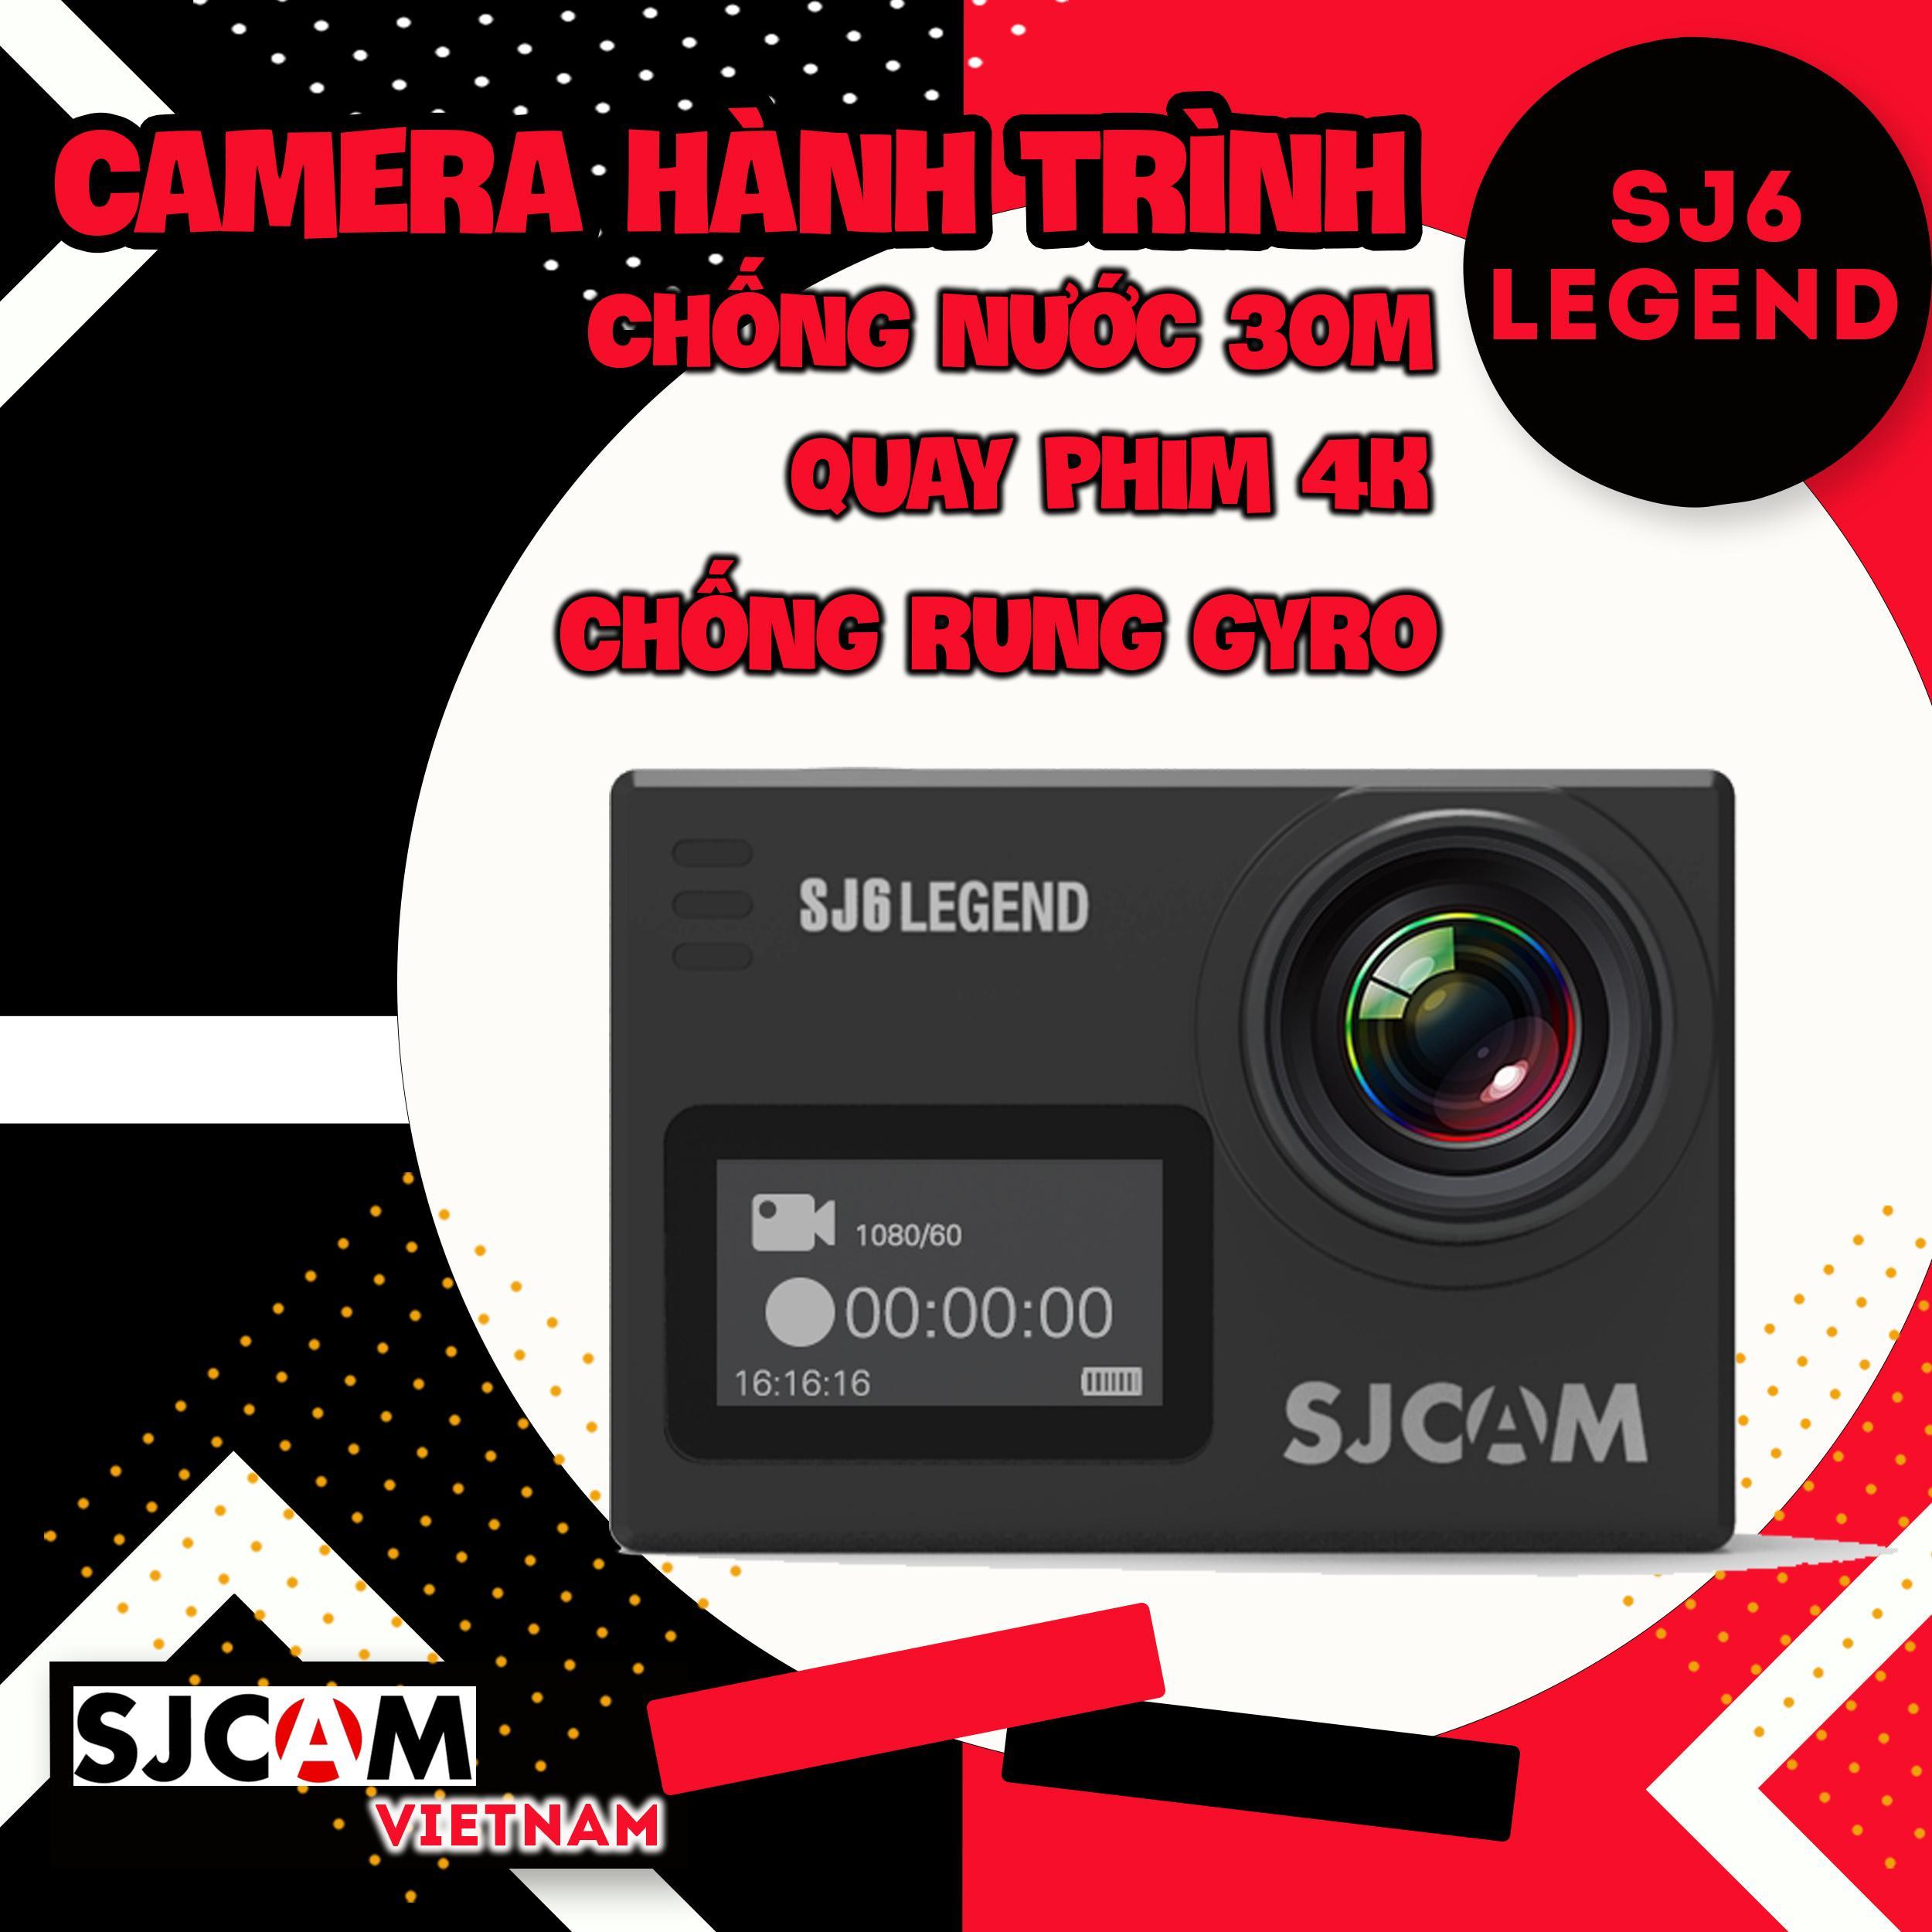 Camera Hành Trình SJCAM SJ6 LEGEND 4K WiFi - Hãng Phân Phối Chính Thức Giá Hot Siêu Giảm tại Lazada